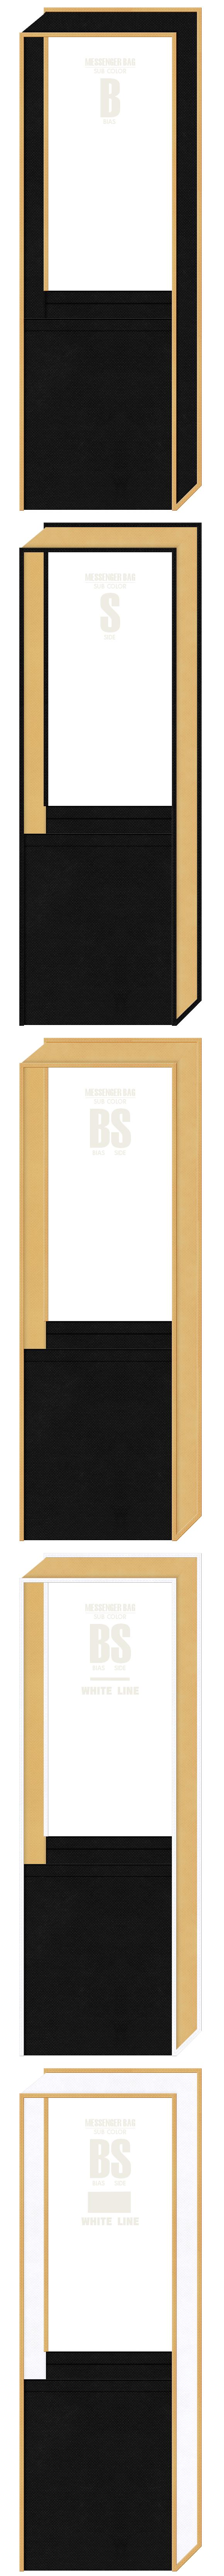 不織布メッセンジャーバッグのカラーシミュレーション(黒色・薄黄土色・白色)